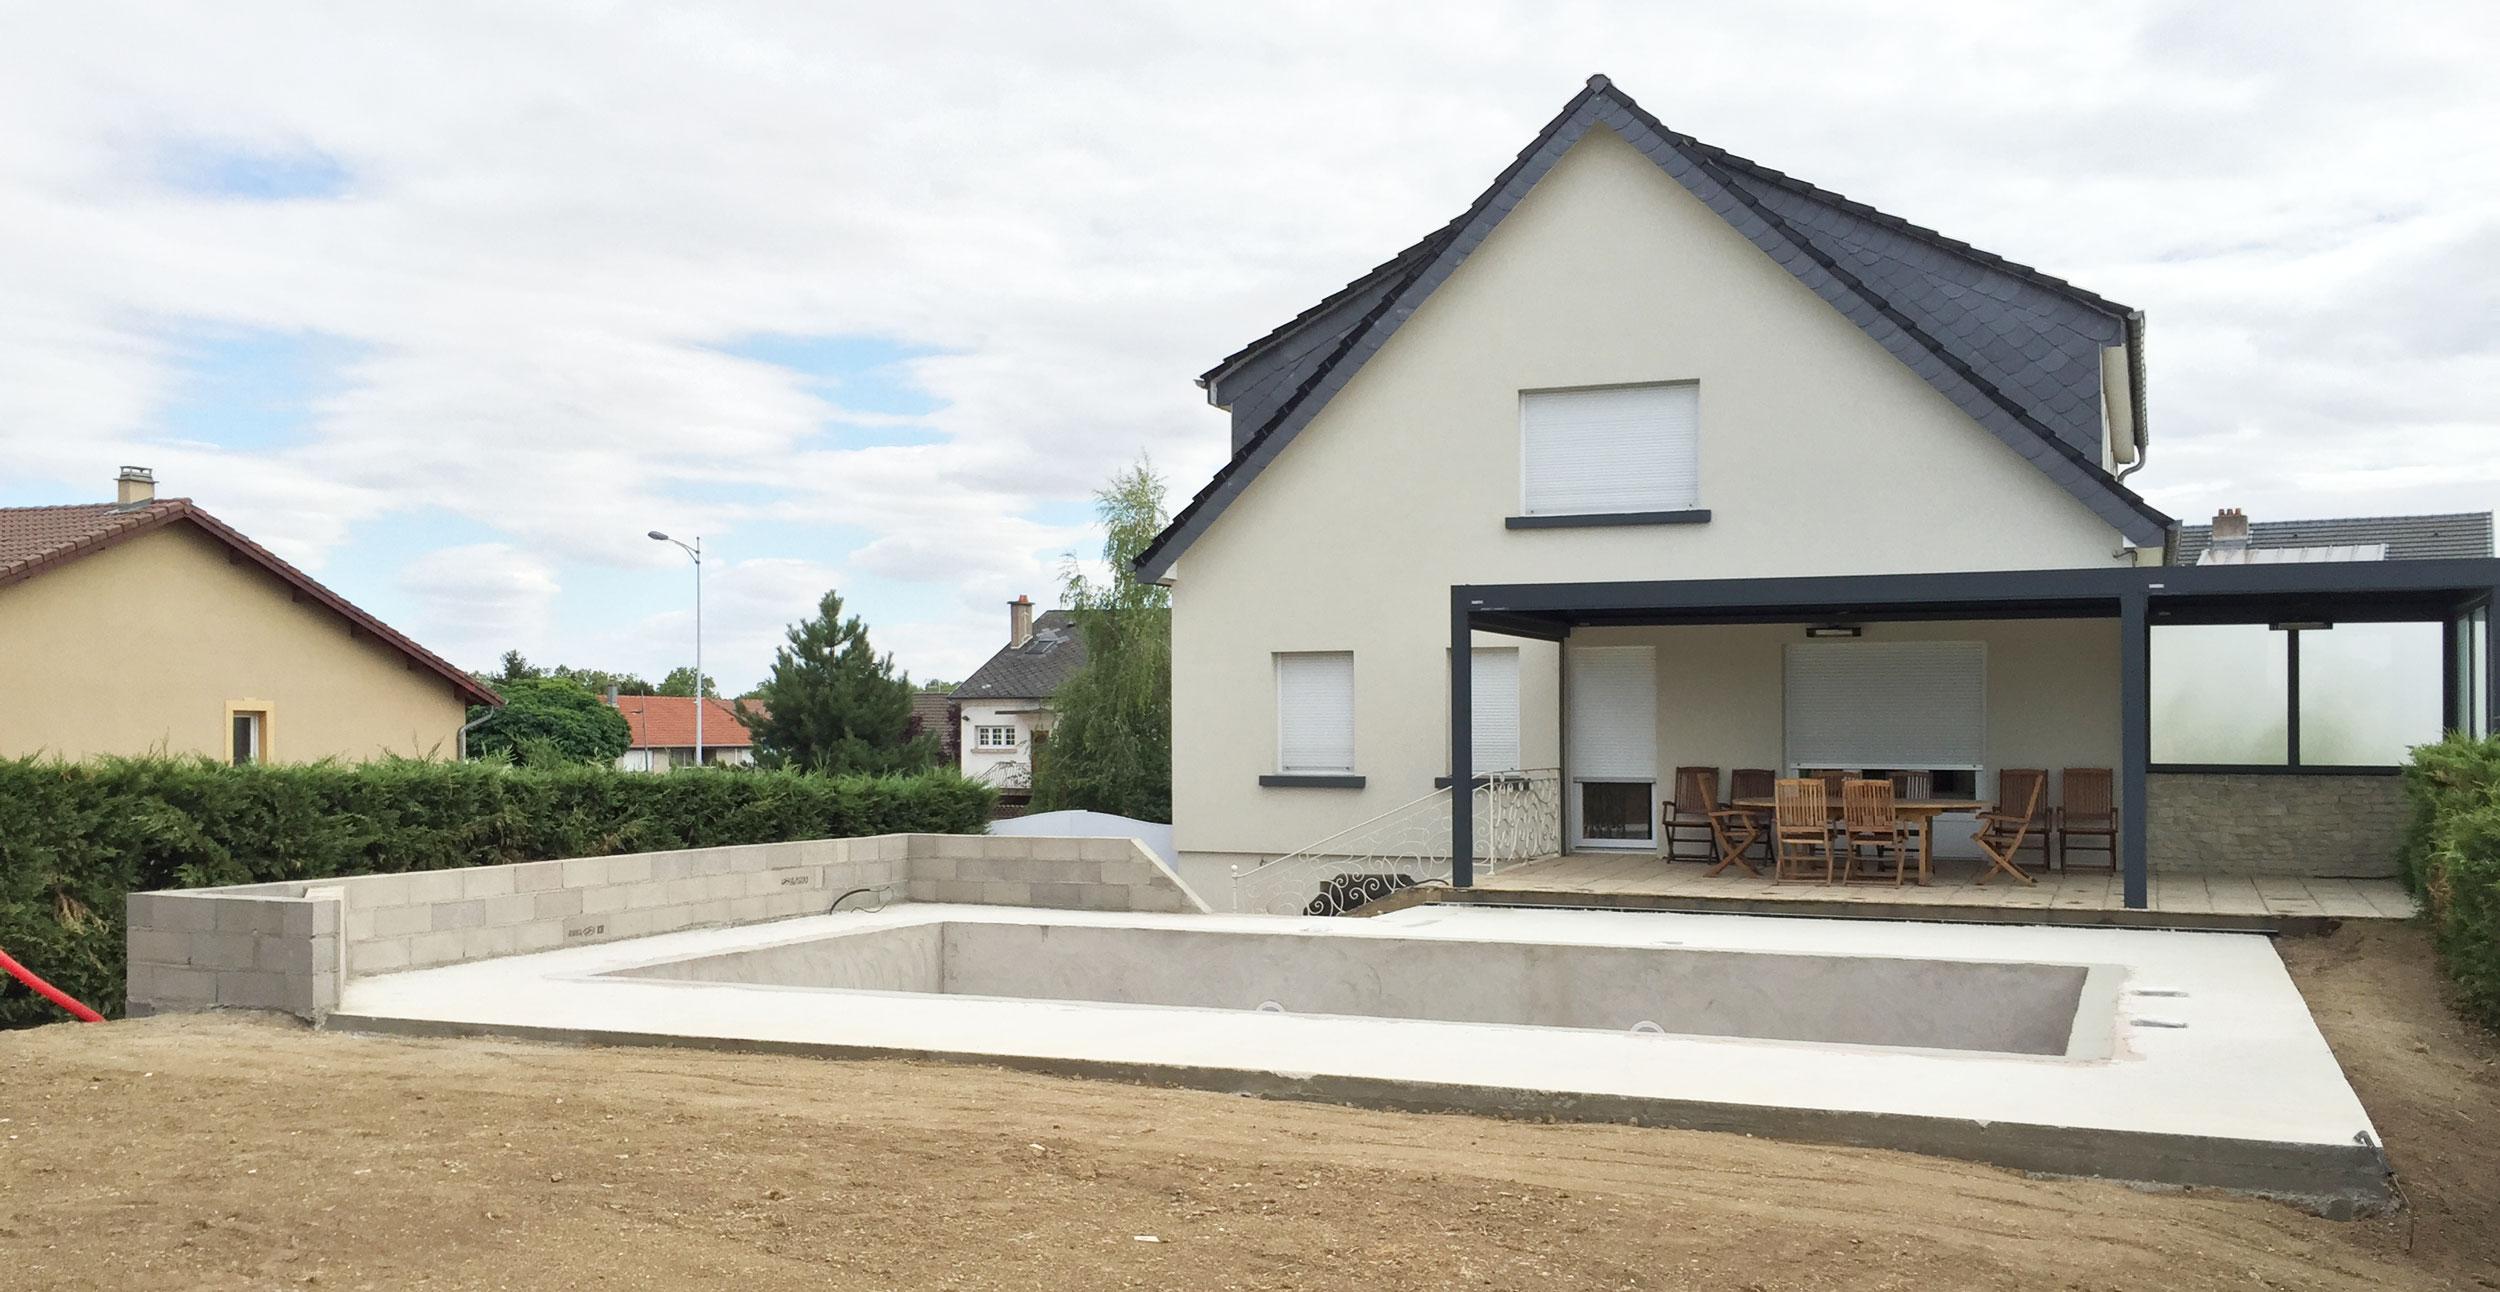 AMI Lorraine - Construction de piscines traditionnelles en béton en Lorraine